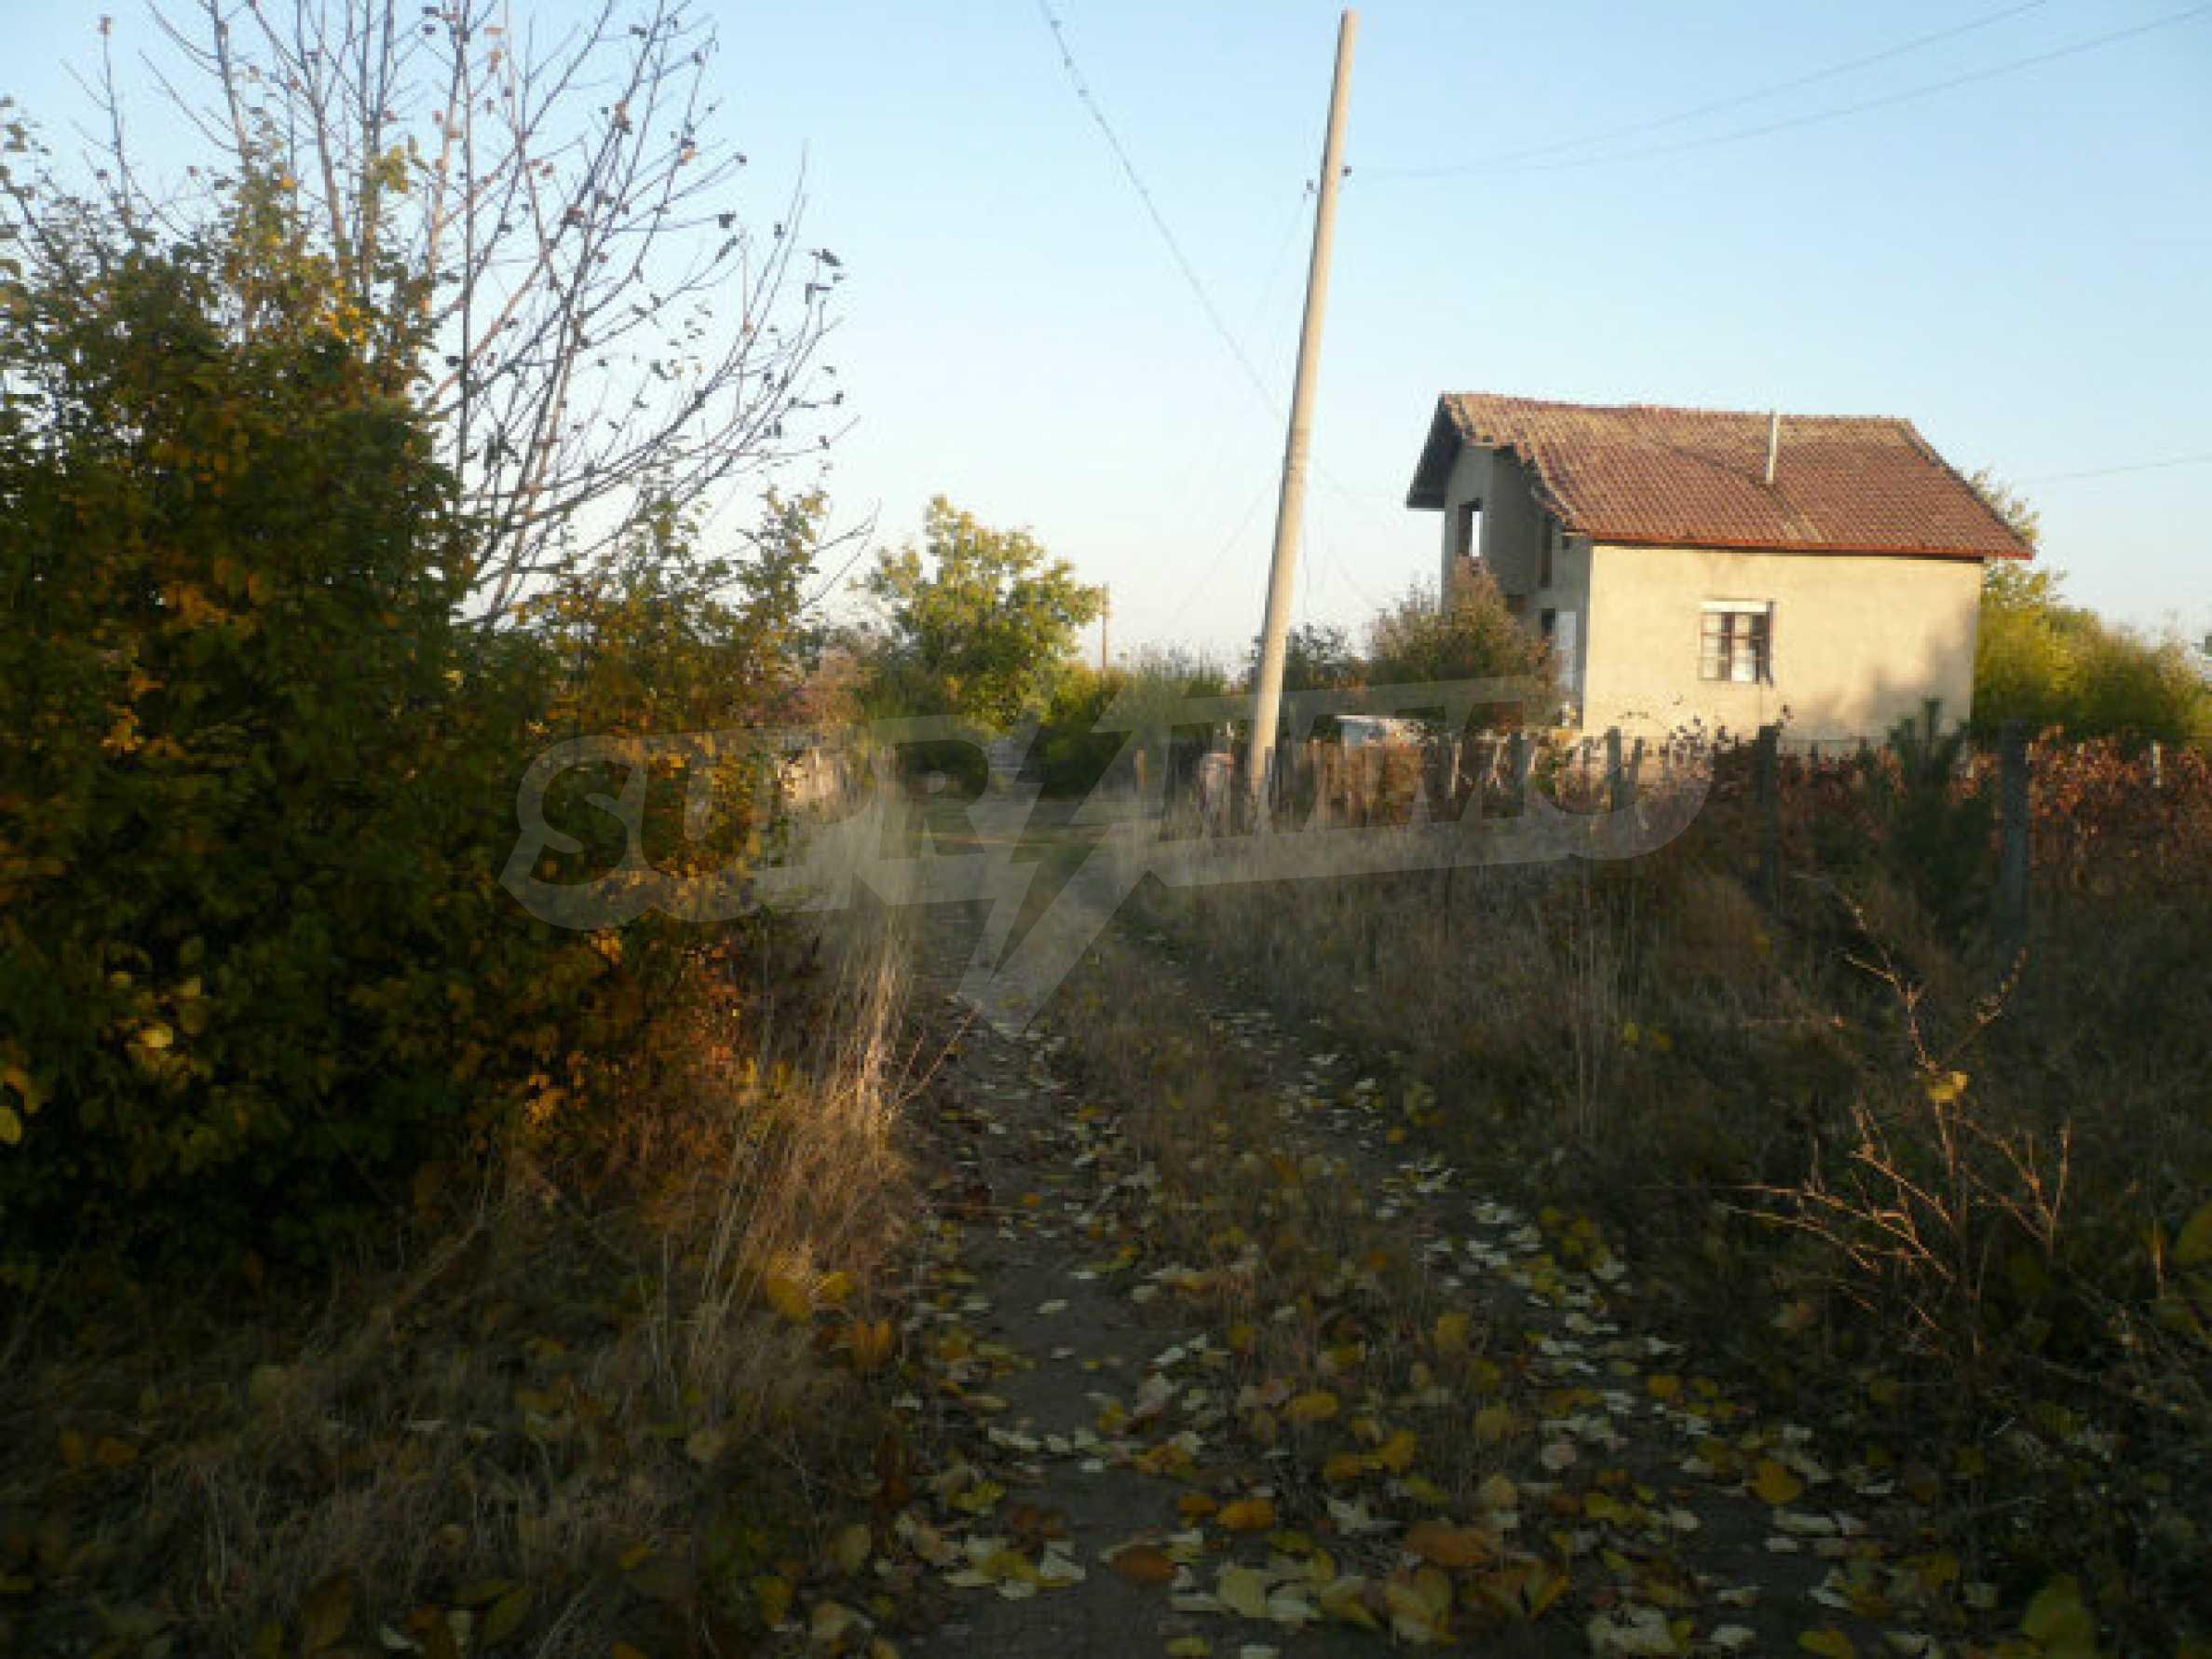 Haus zum Verkauf in der Nähe von Vidin, Bulgarien 28